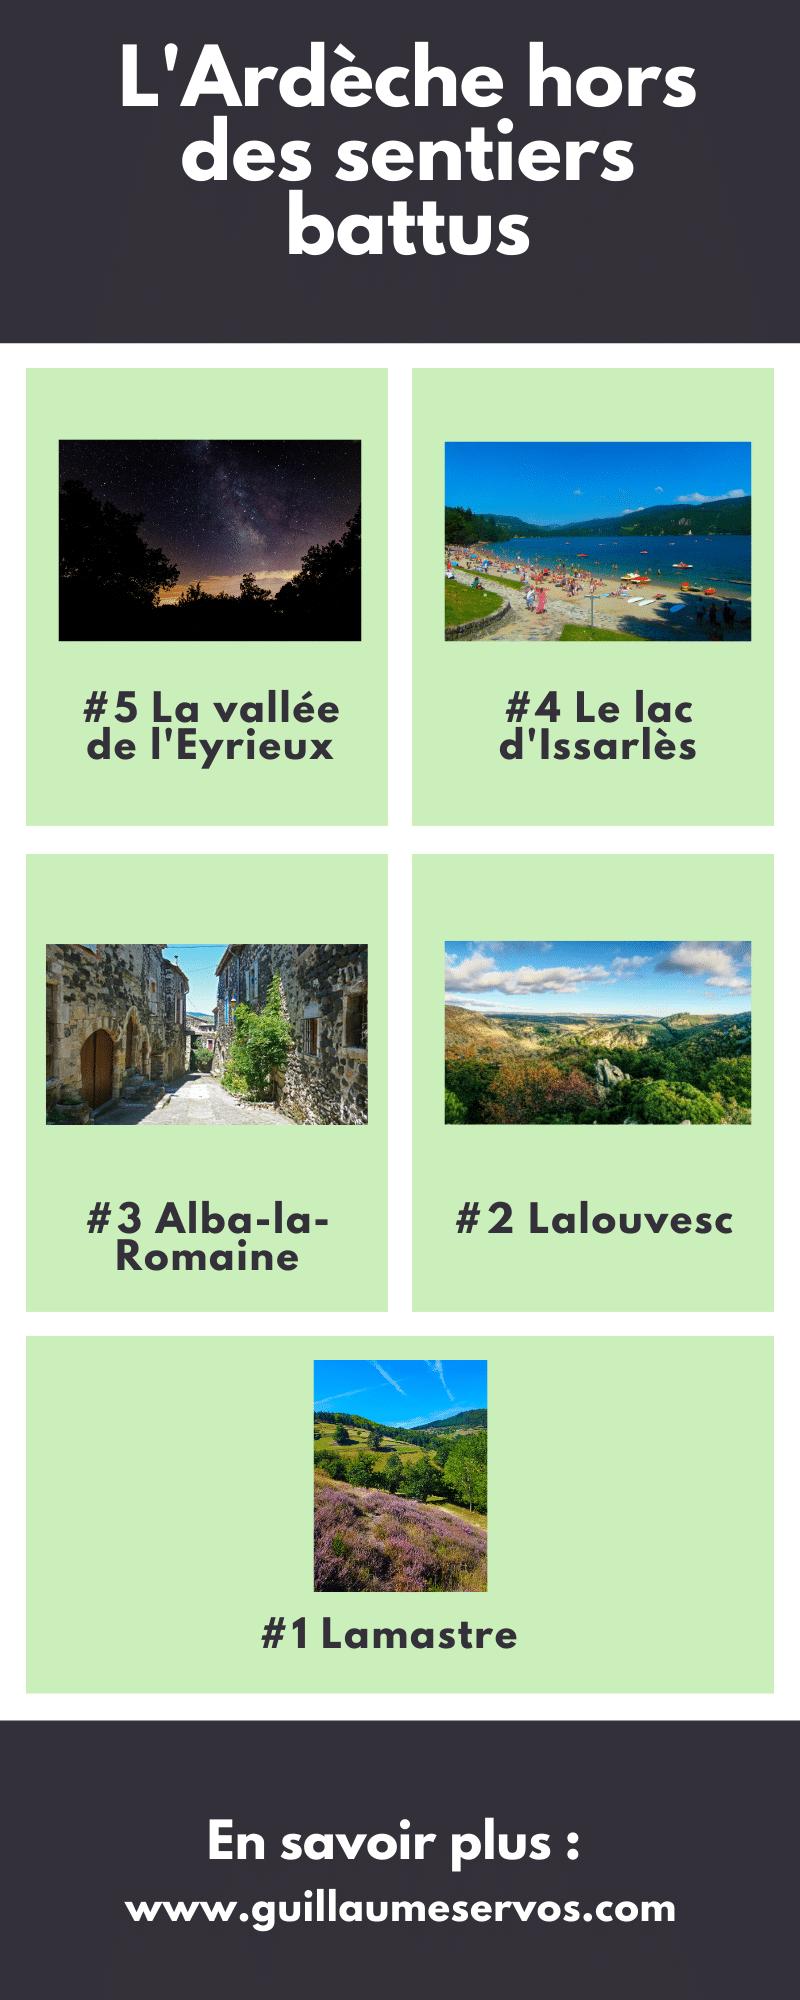 Tu pars en Ardèche et tu as envie hors de sortir des sentiers battus. Tu es le bienvenu. Au menu : la vallée de l'Eyrieux, le lac d'Issarlès, Lamastre...